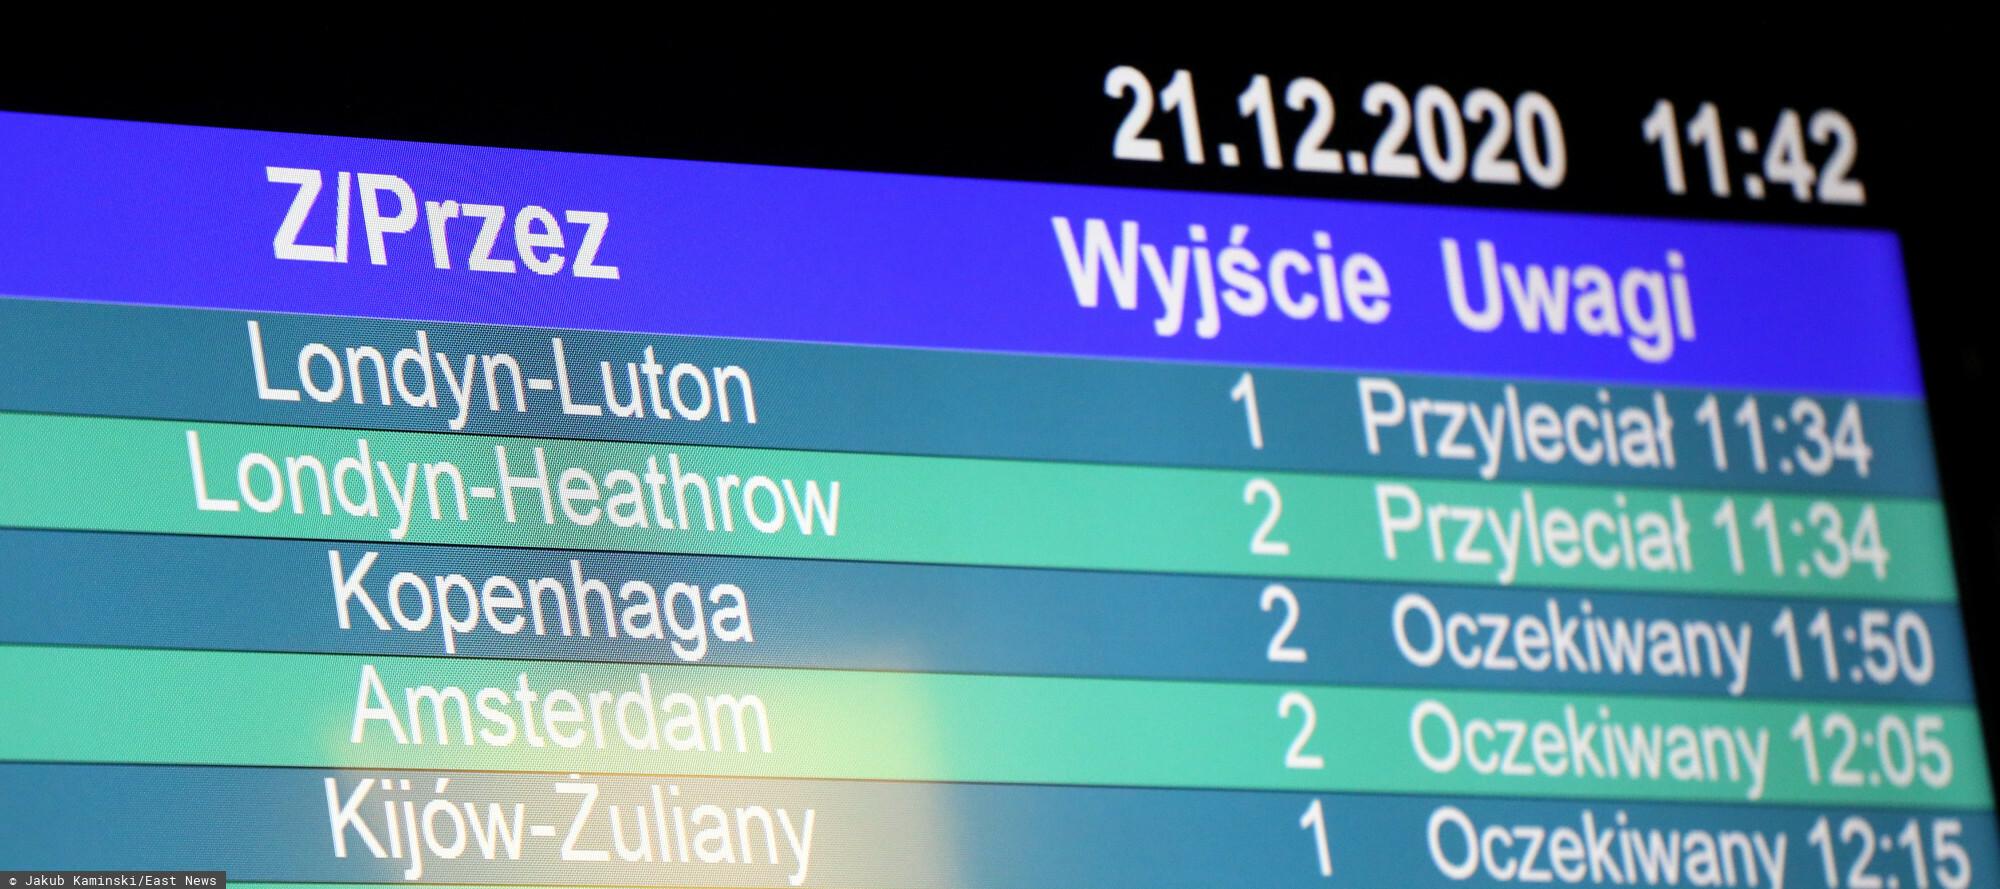 Fot. Jakub Kaminski/East News, Warszawa, 21.12.2020. Przylot samolotu z Londynu na warszawskie lotnisko Chopina. Z powodu pojawienia sie nowej odmiany koronawirusa od polnocy z 21 na 22 grudnia loty z Wielkiej Brytanii do Polski zostana zawieszone. N/z tablica przylotow